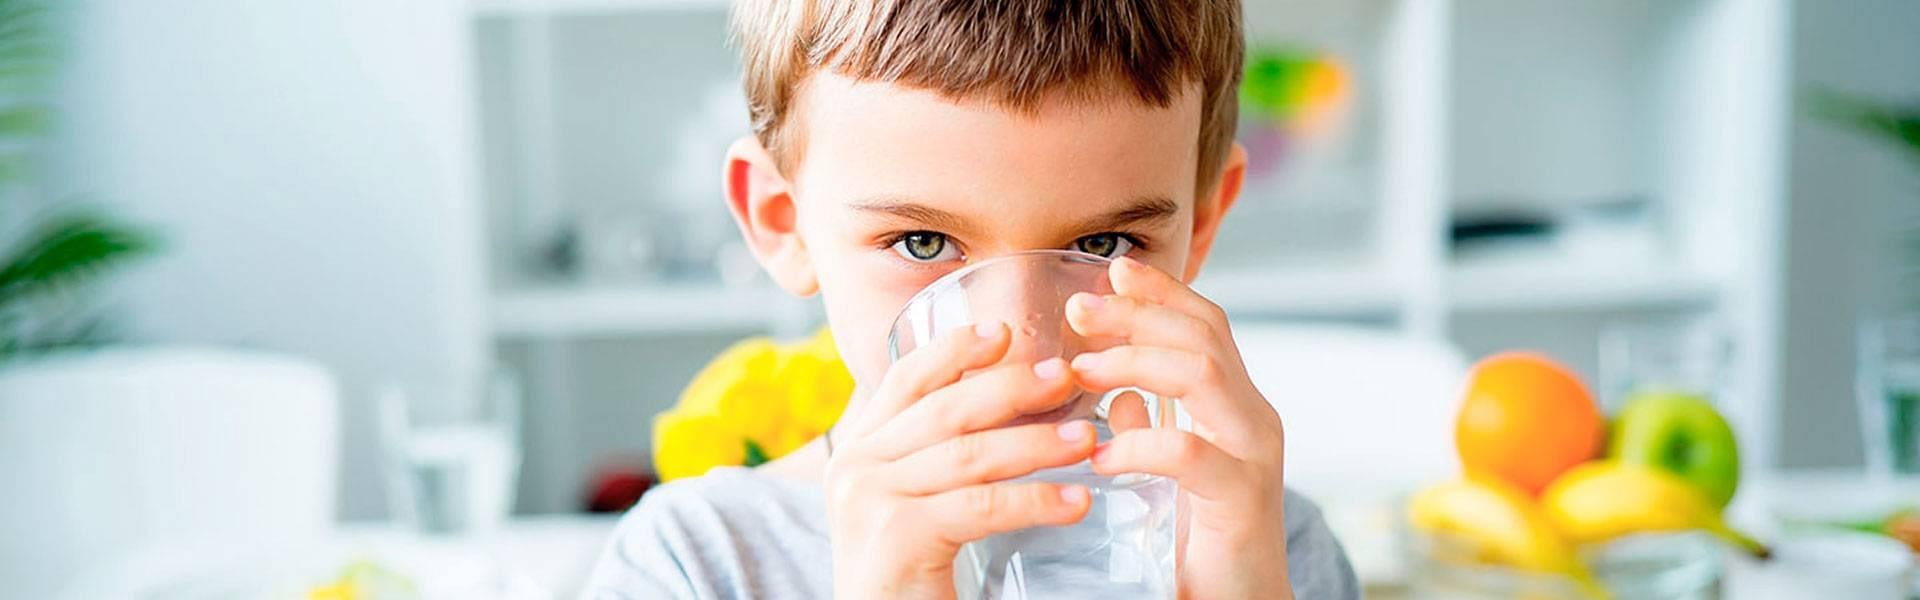 acquafuture baleares water filter machine